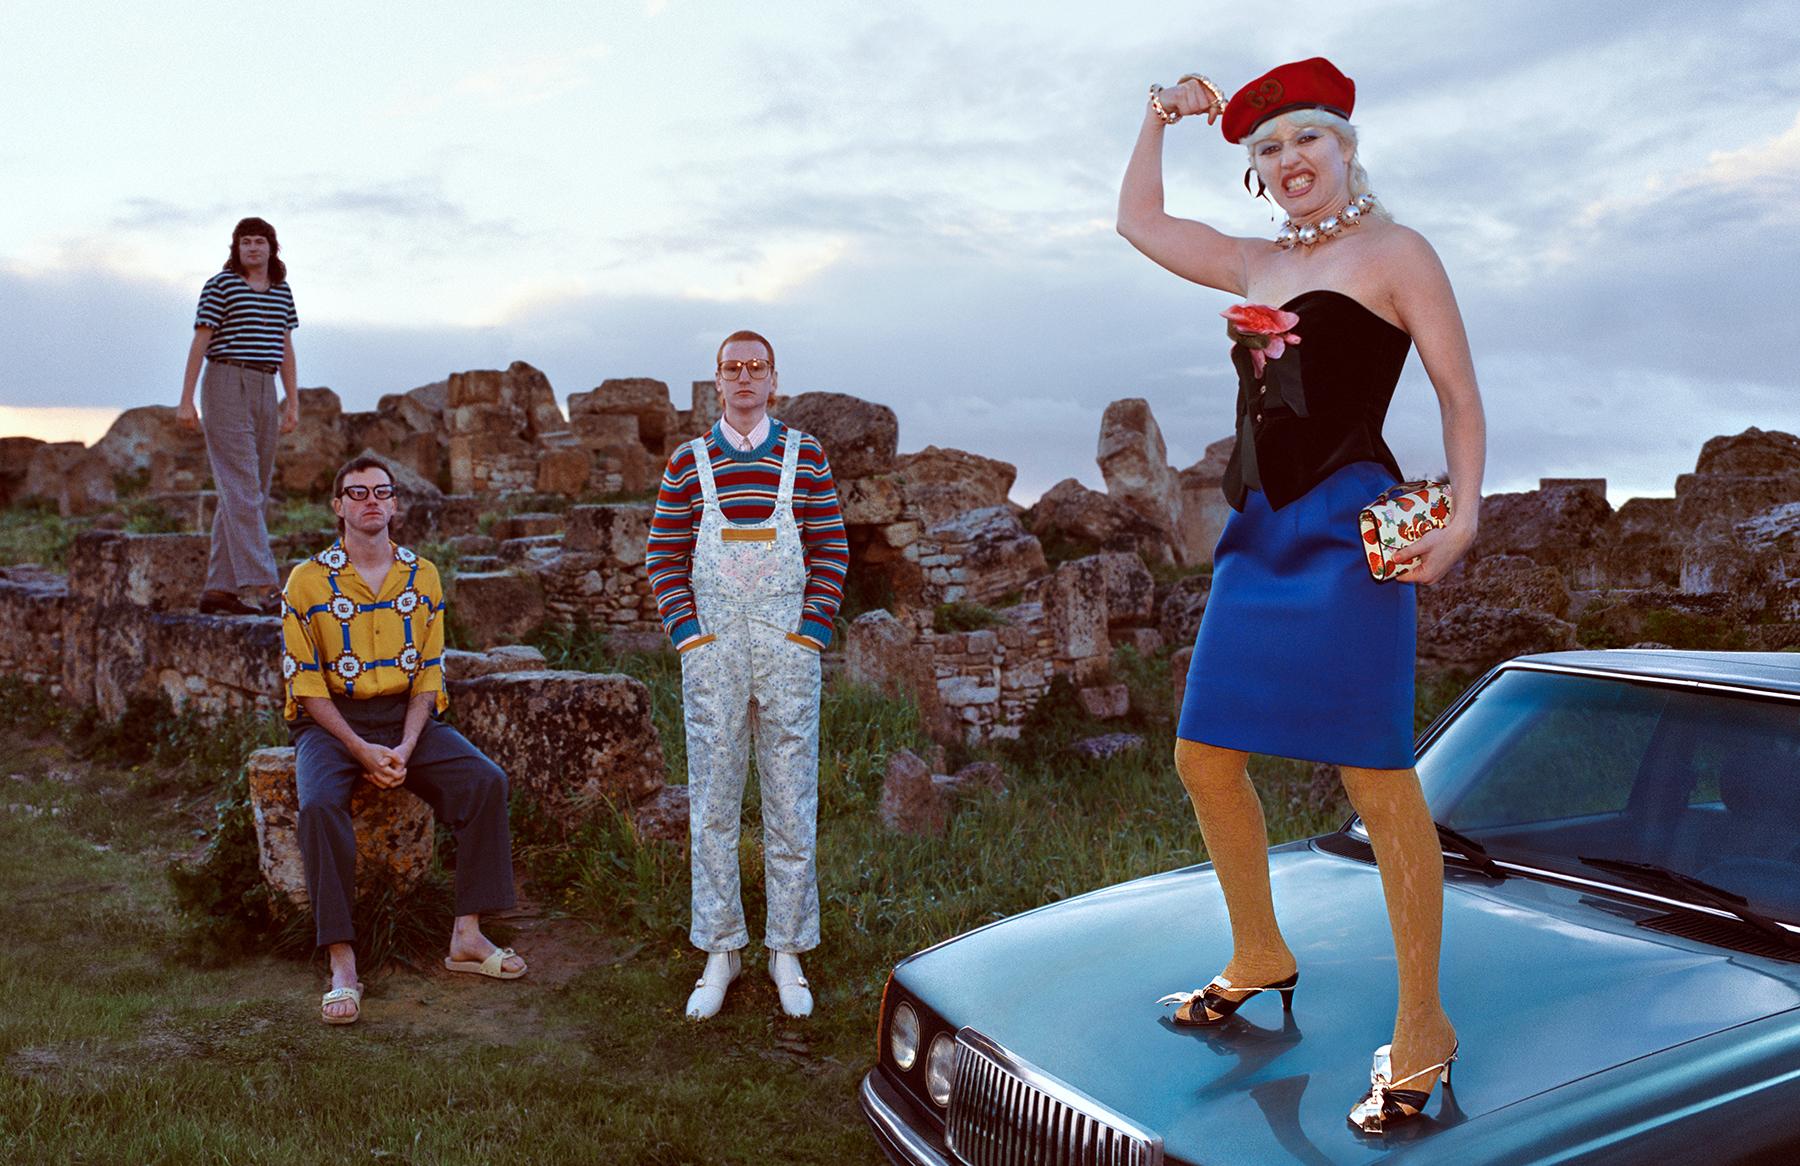 Glen-Luchford-Gucci-prefall-2019 (8).jpg